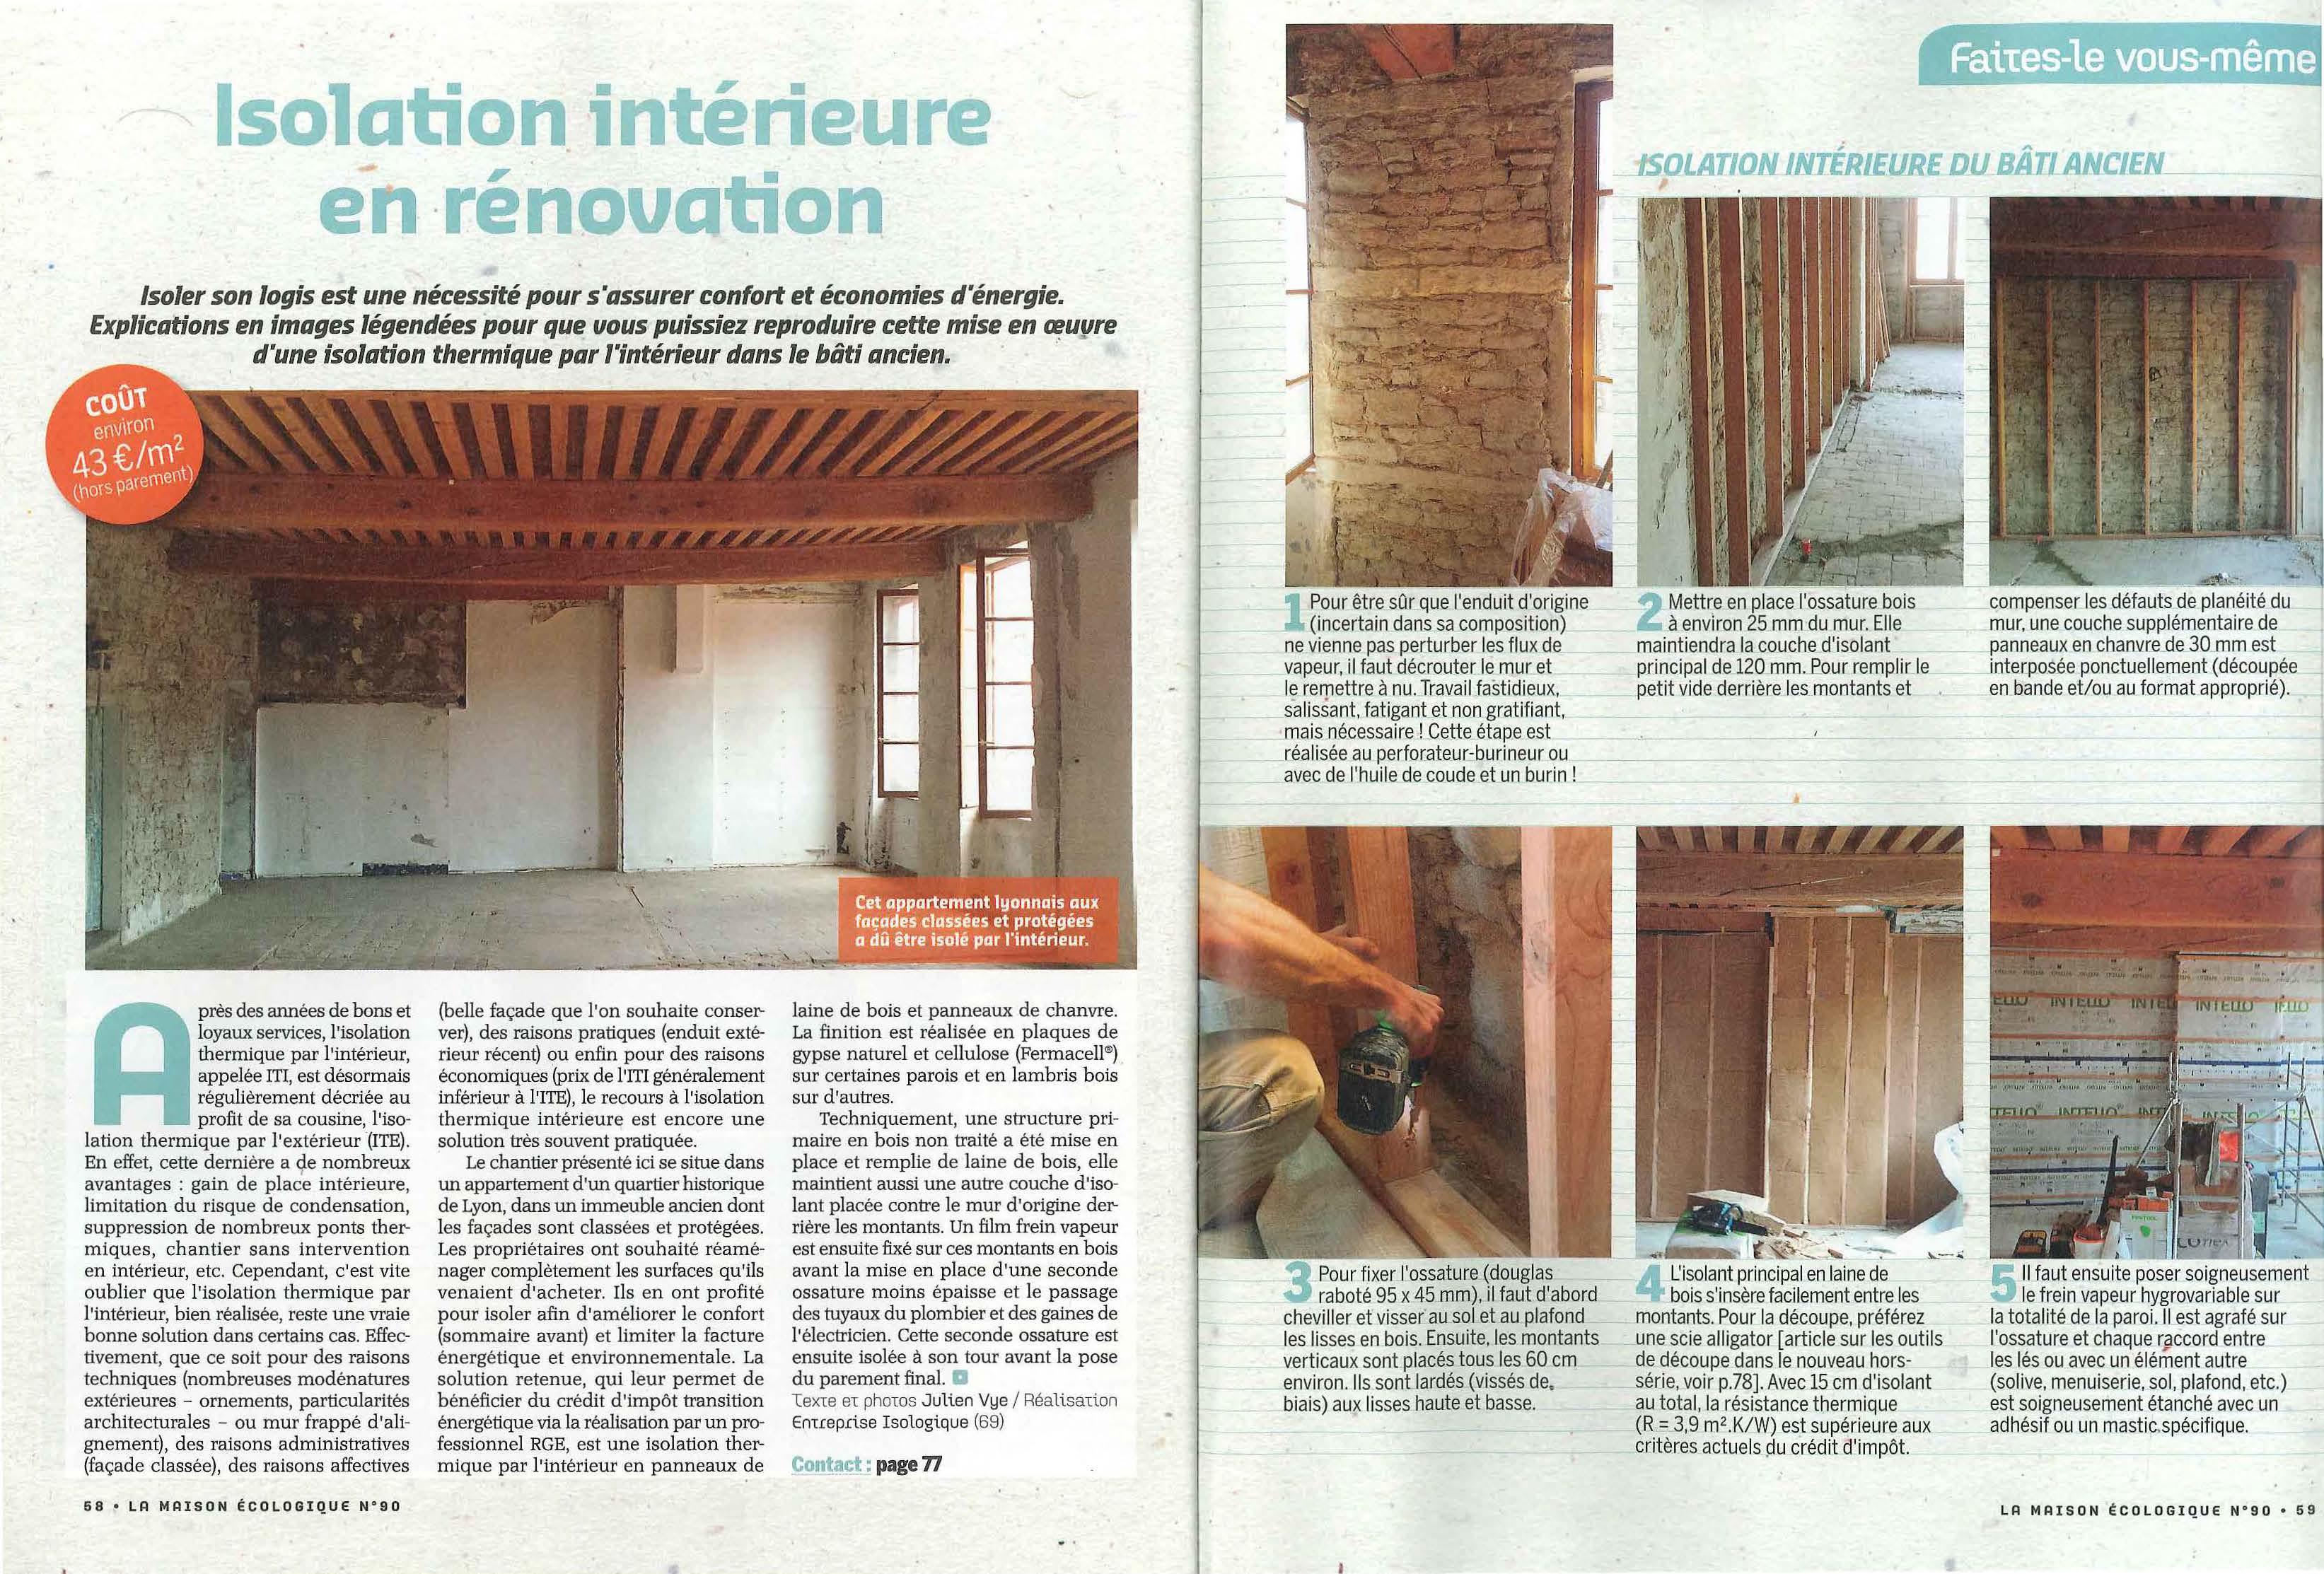 Isolation intérieure en rénovation